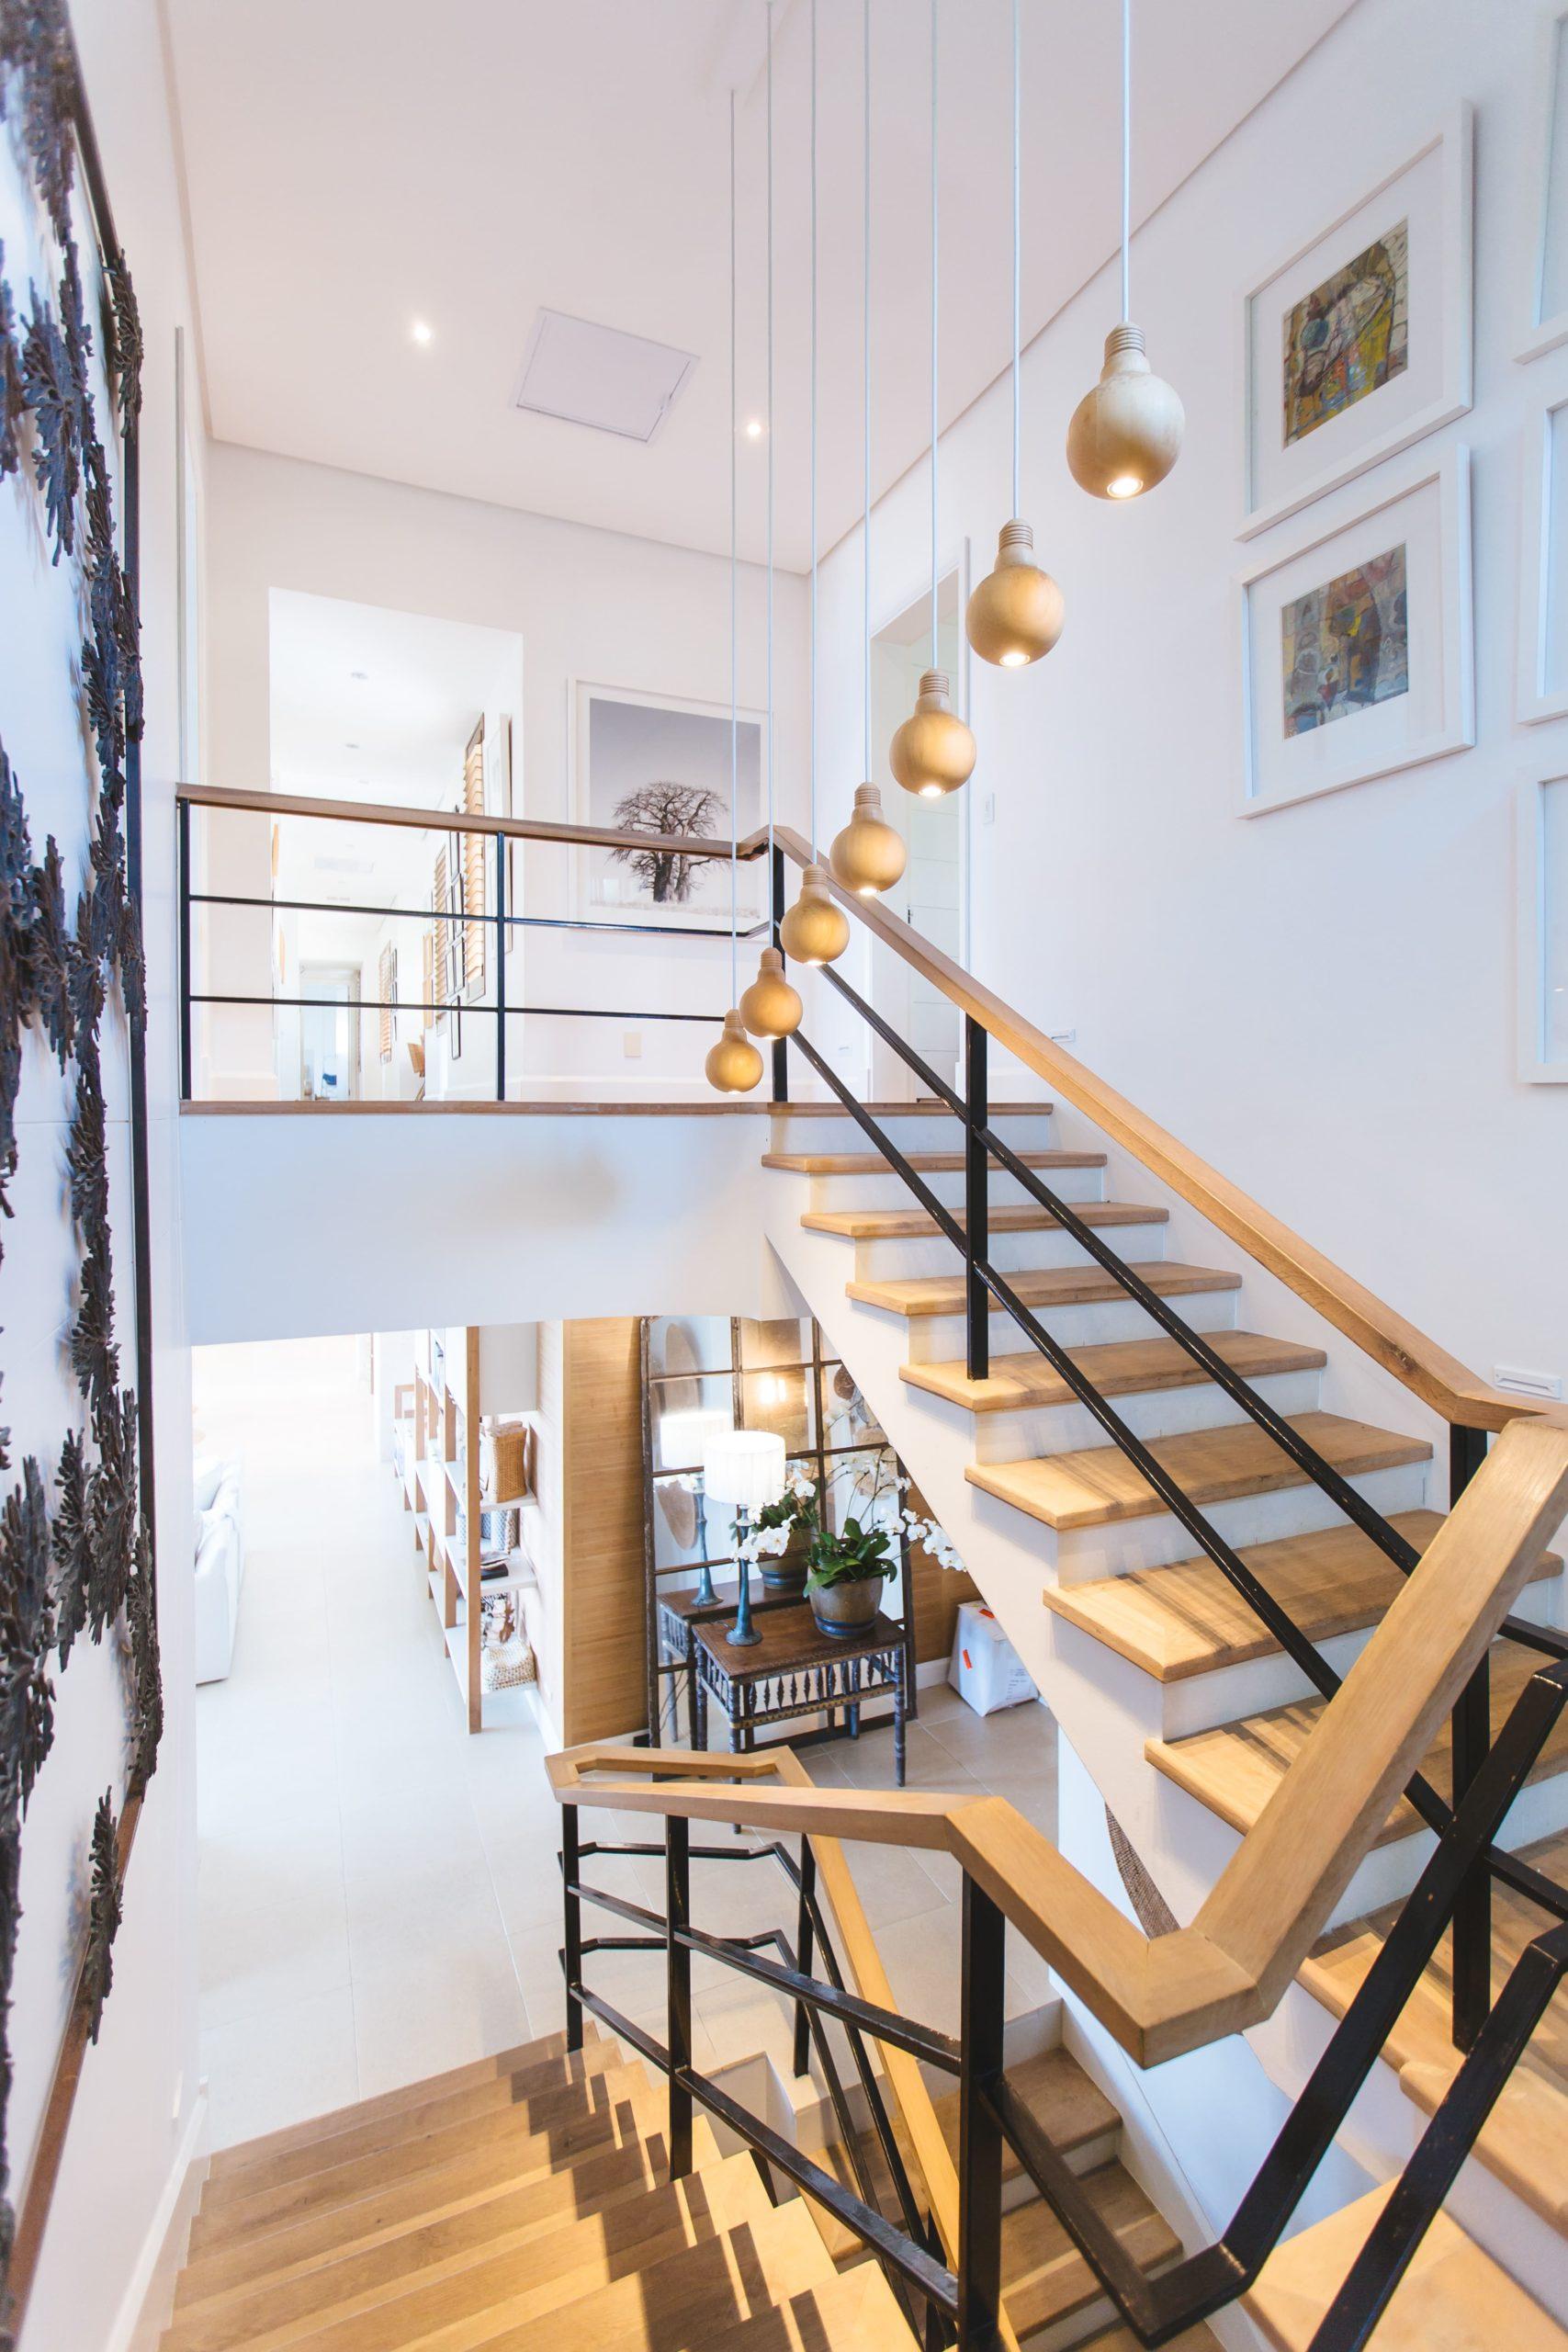 escalier renovation en bois et metal